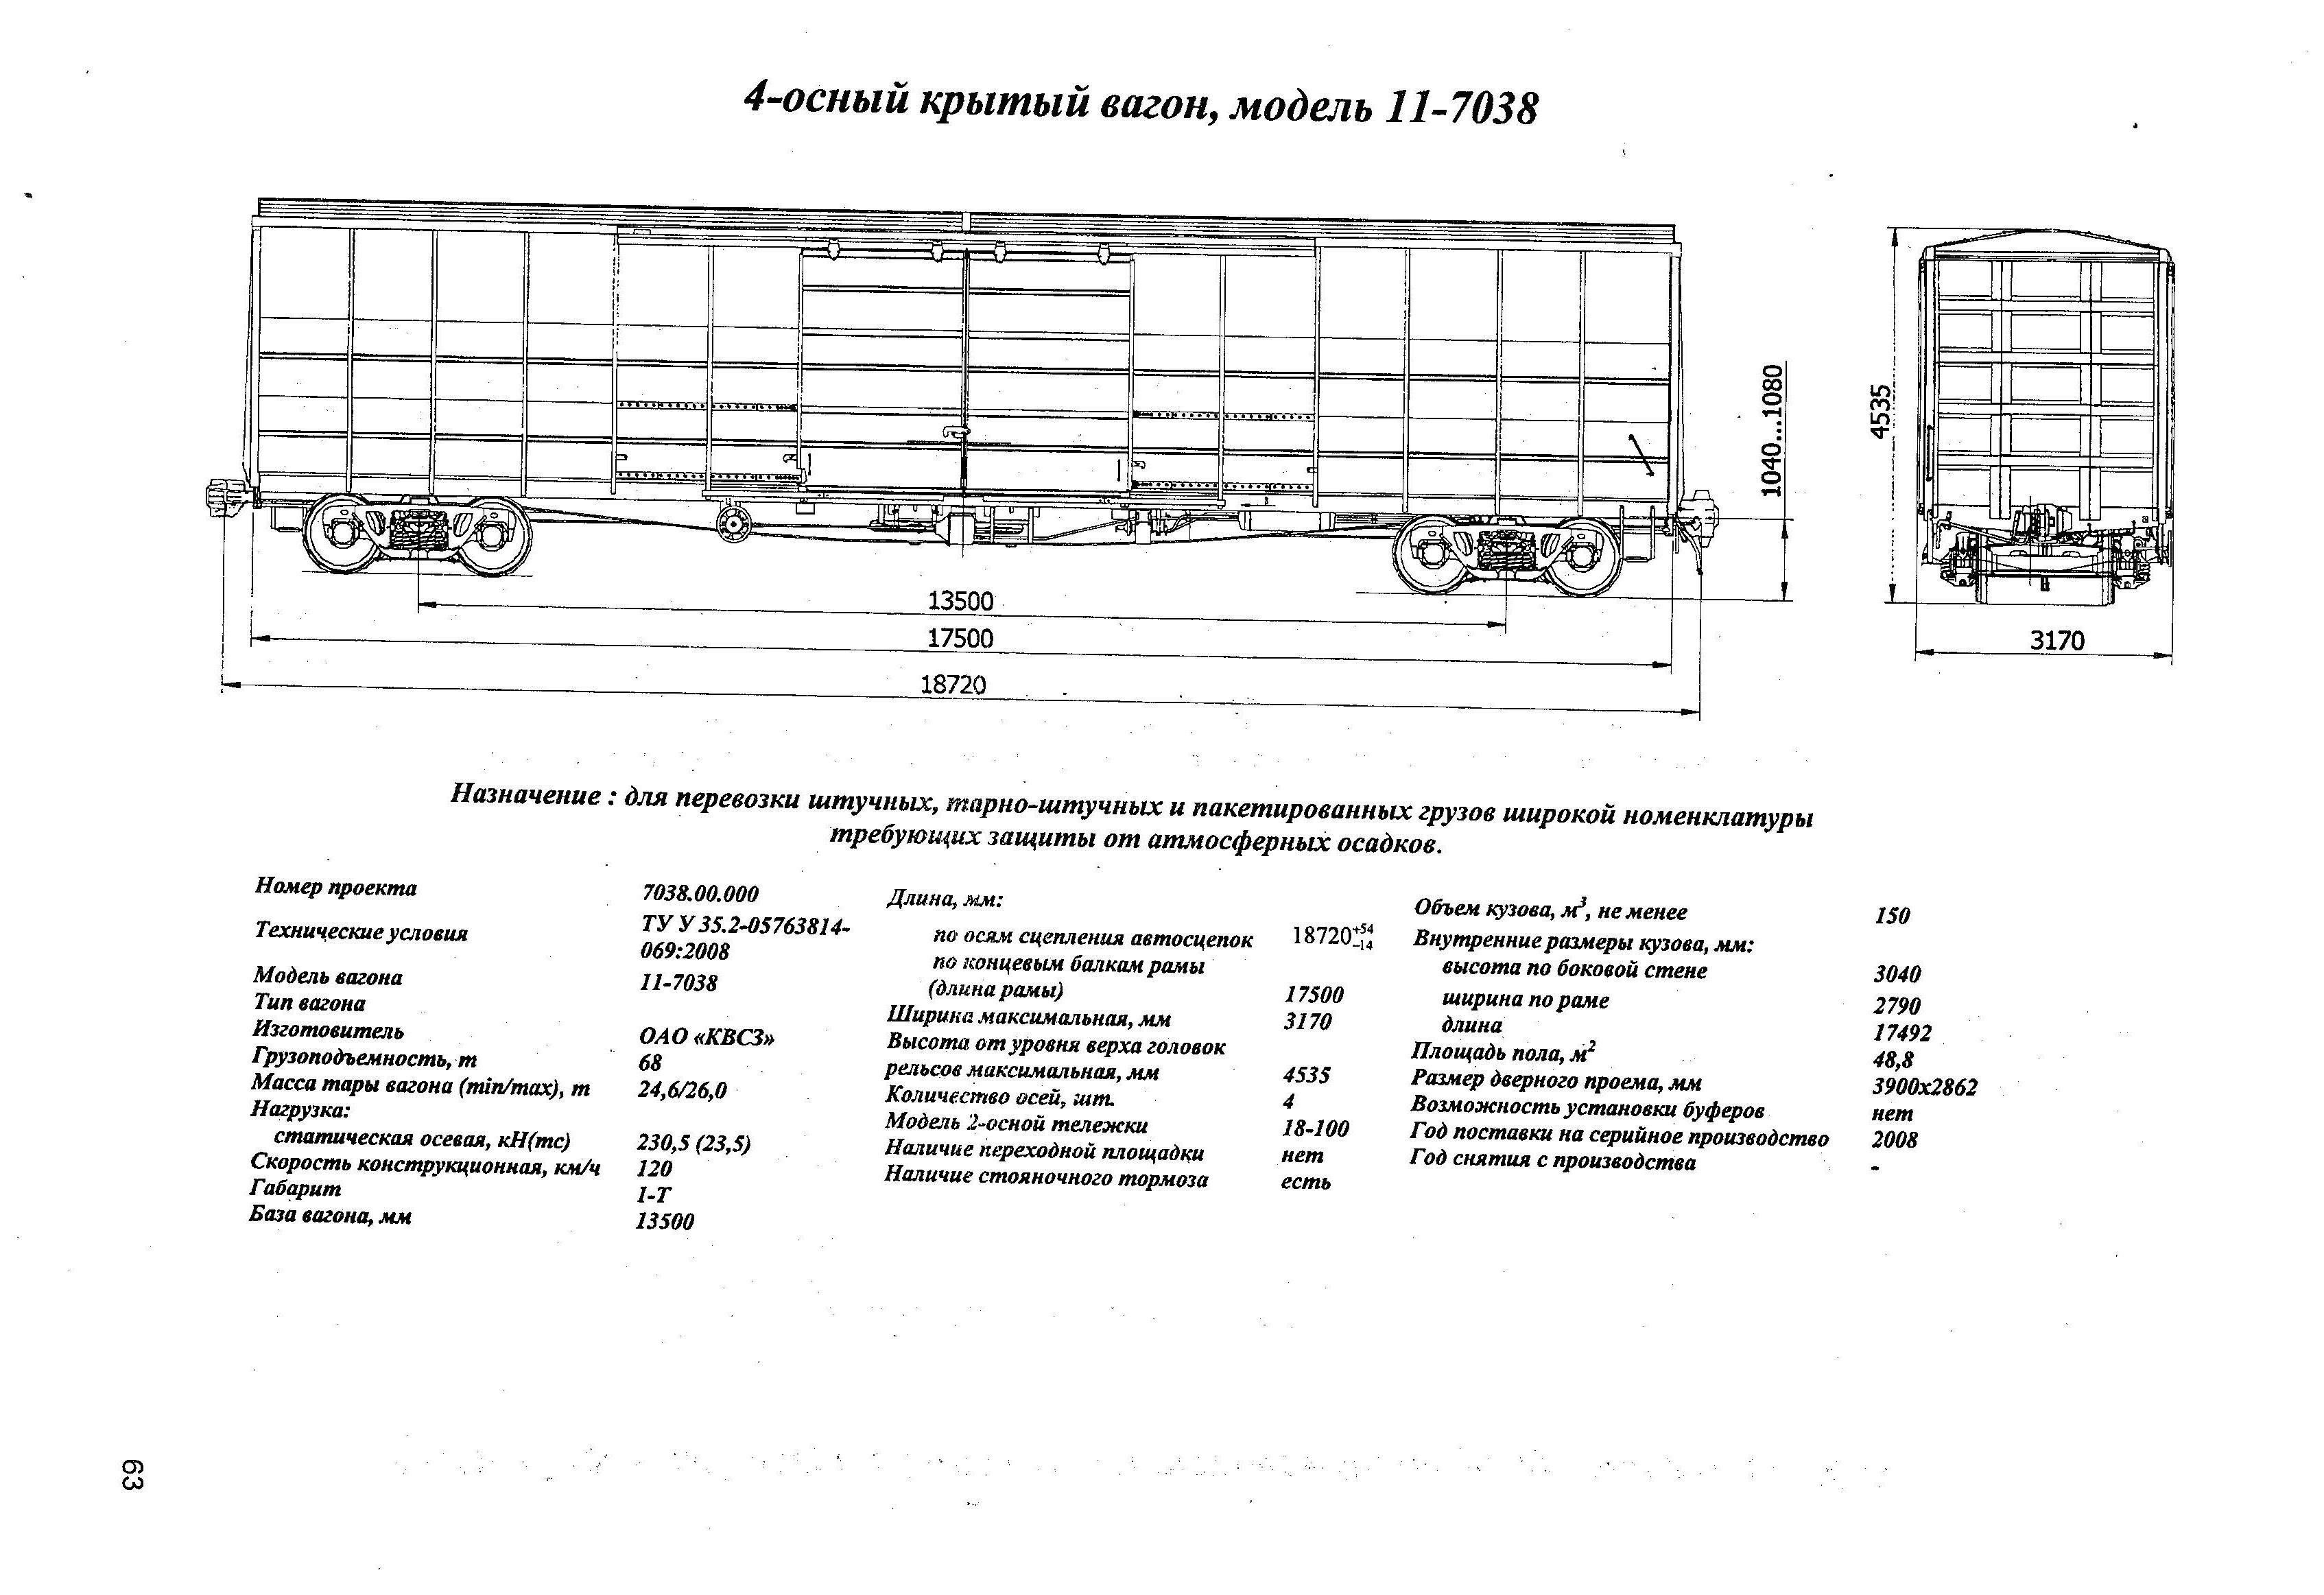 Сцепление автомобиля: назначение и устройство - Avtonov